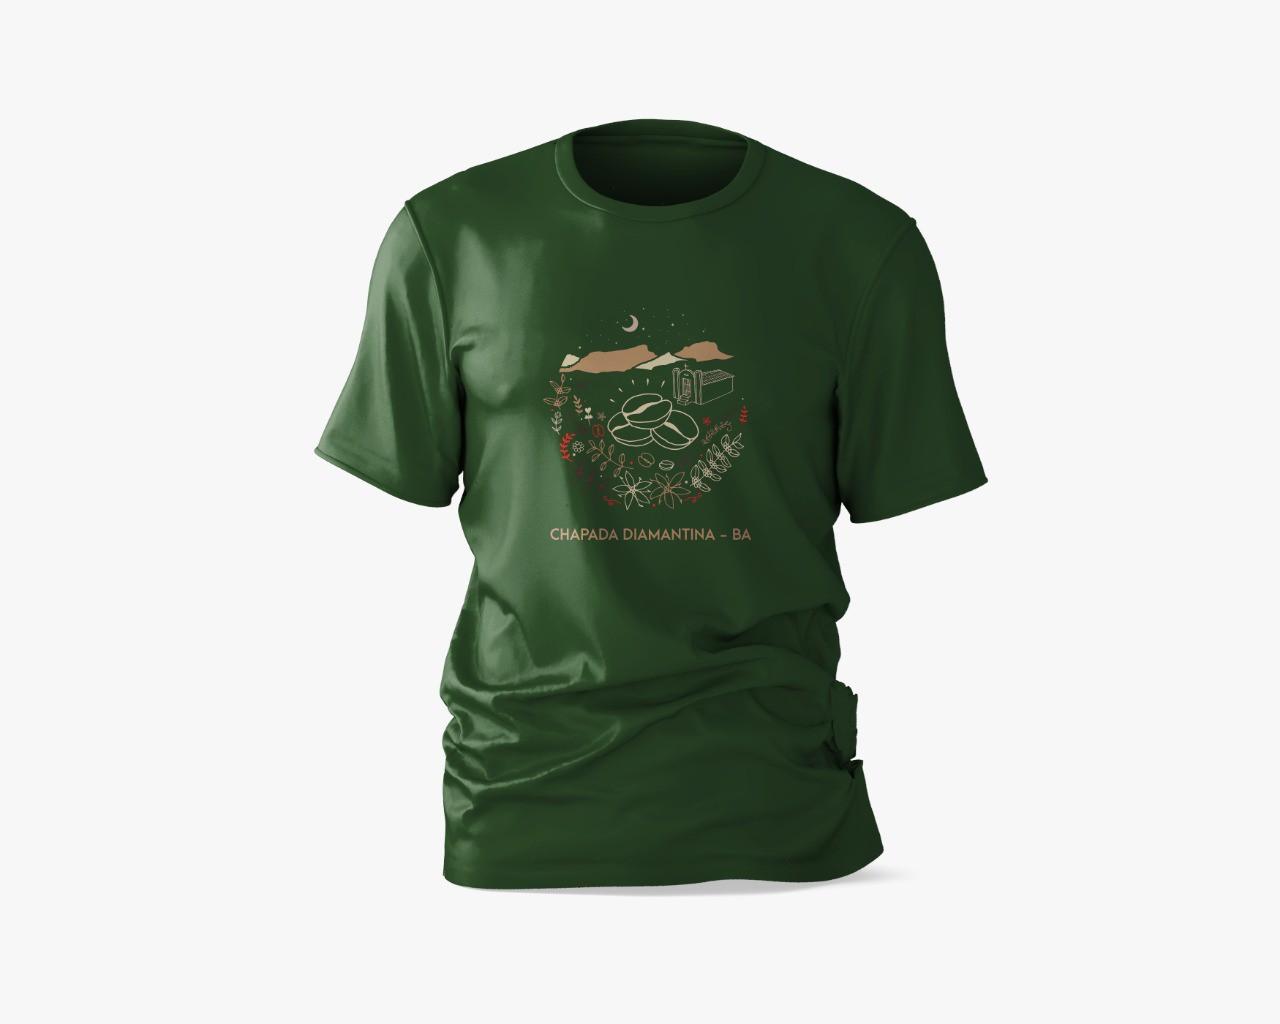 Camisa Chapada Diamantina - PIATÃ